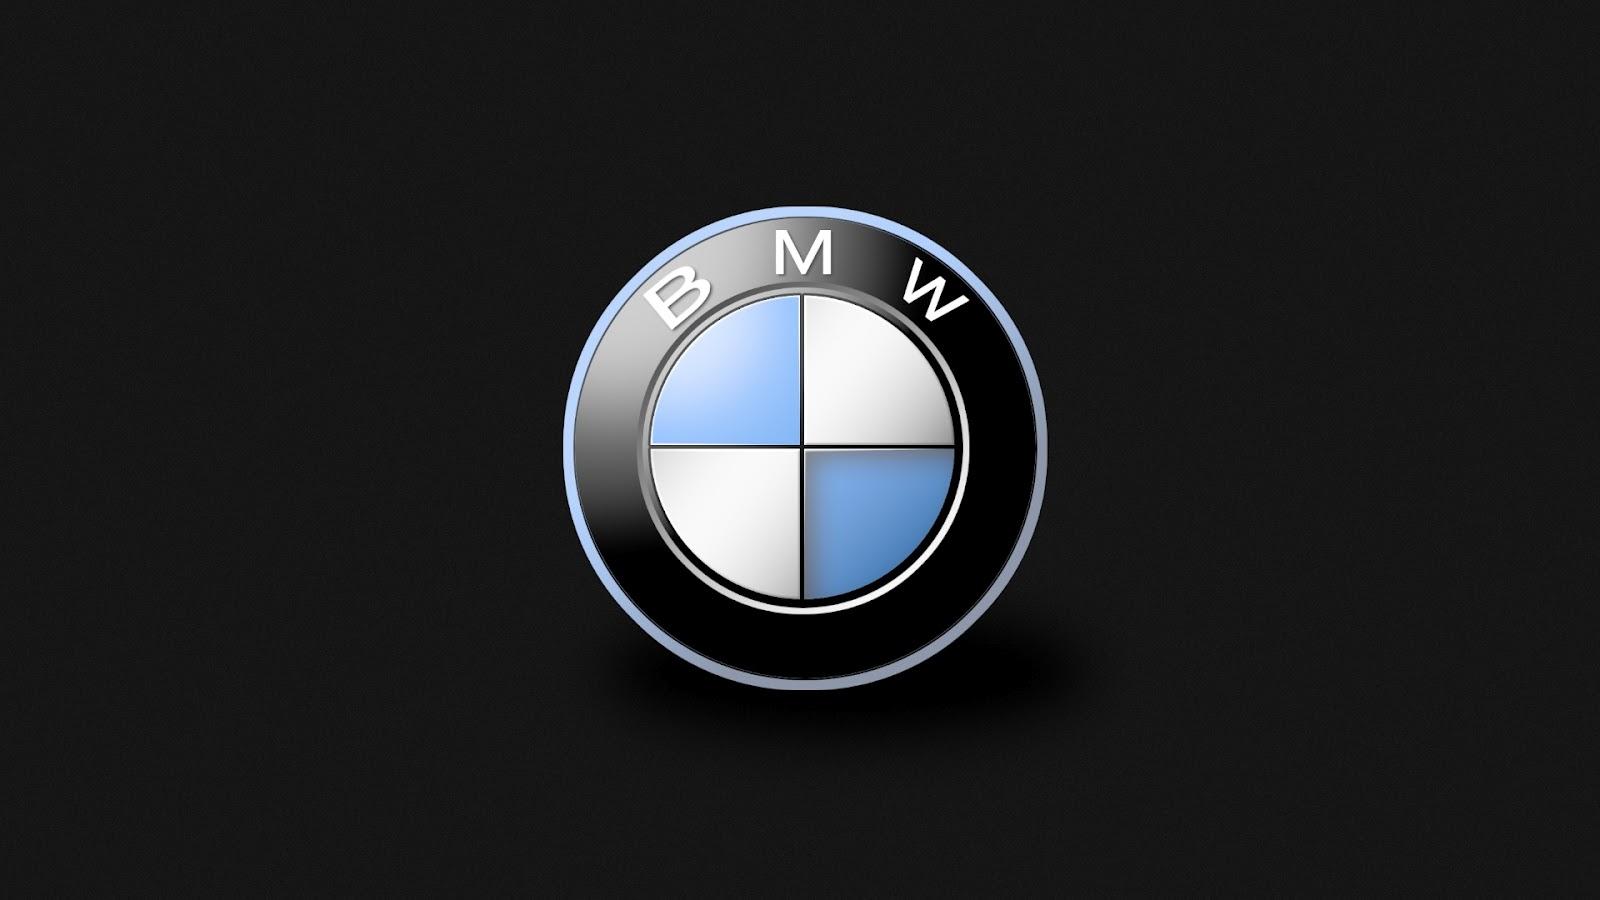 Car Logos Wallpapers  WallpaperSafari